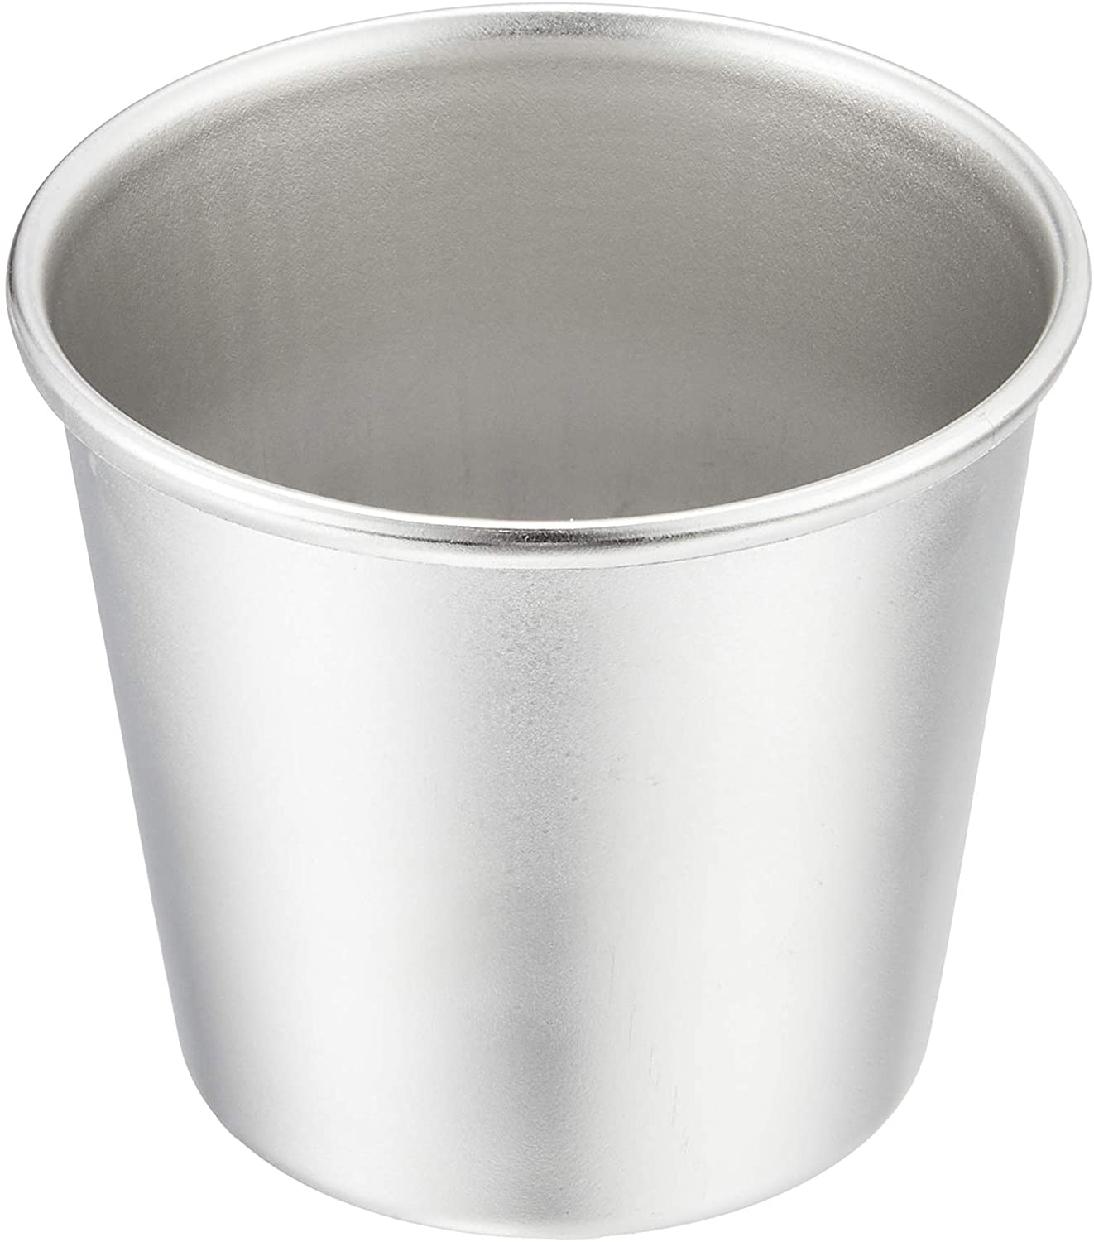 TKG(ティーケージー)18-8 プリンカップ No.1〈WPL-07〉65ccの商品画像